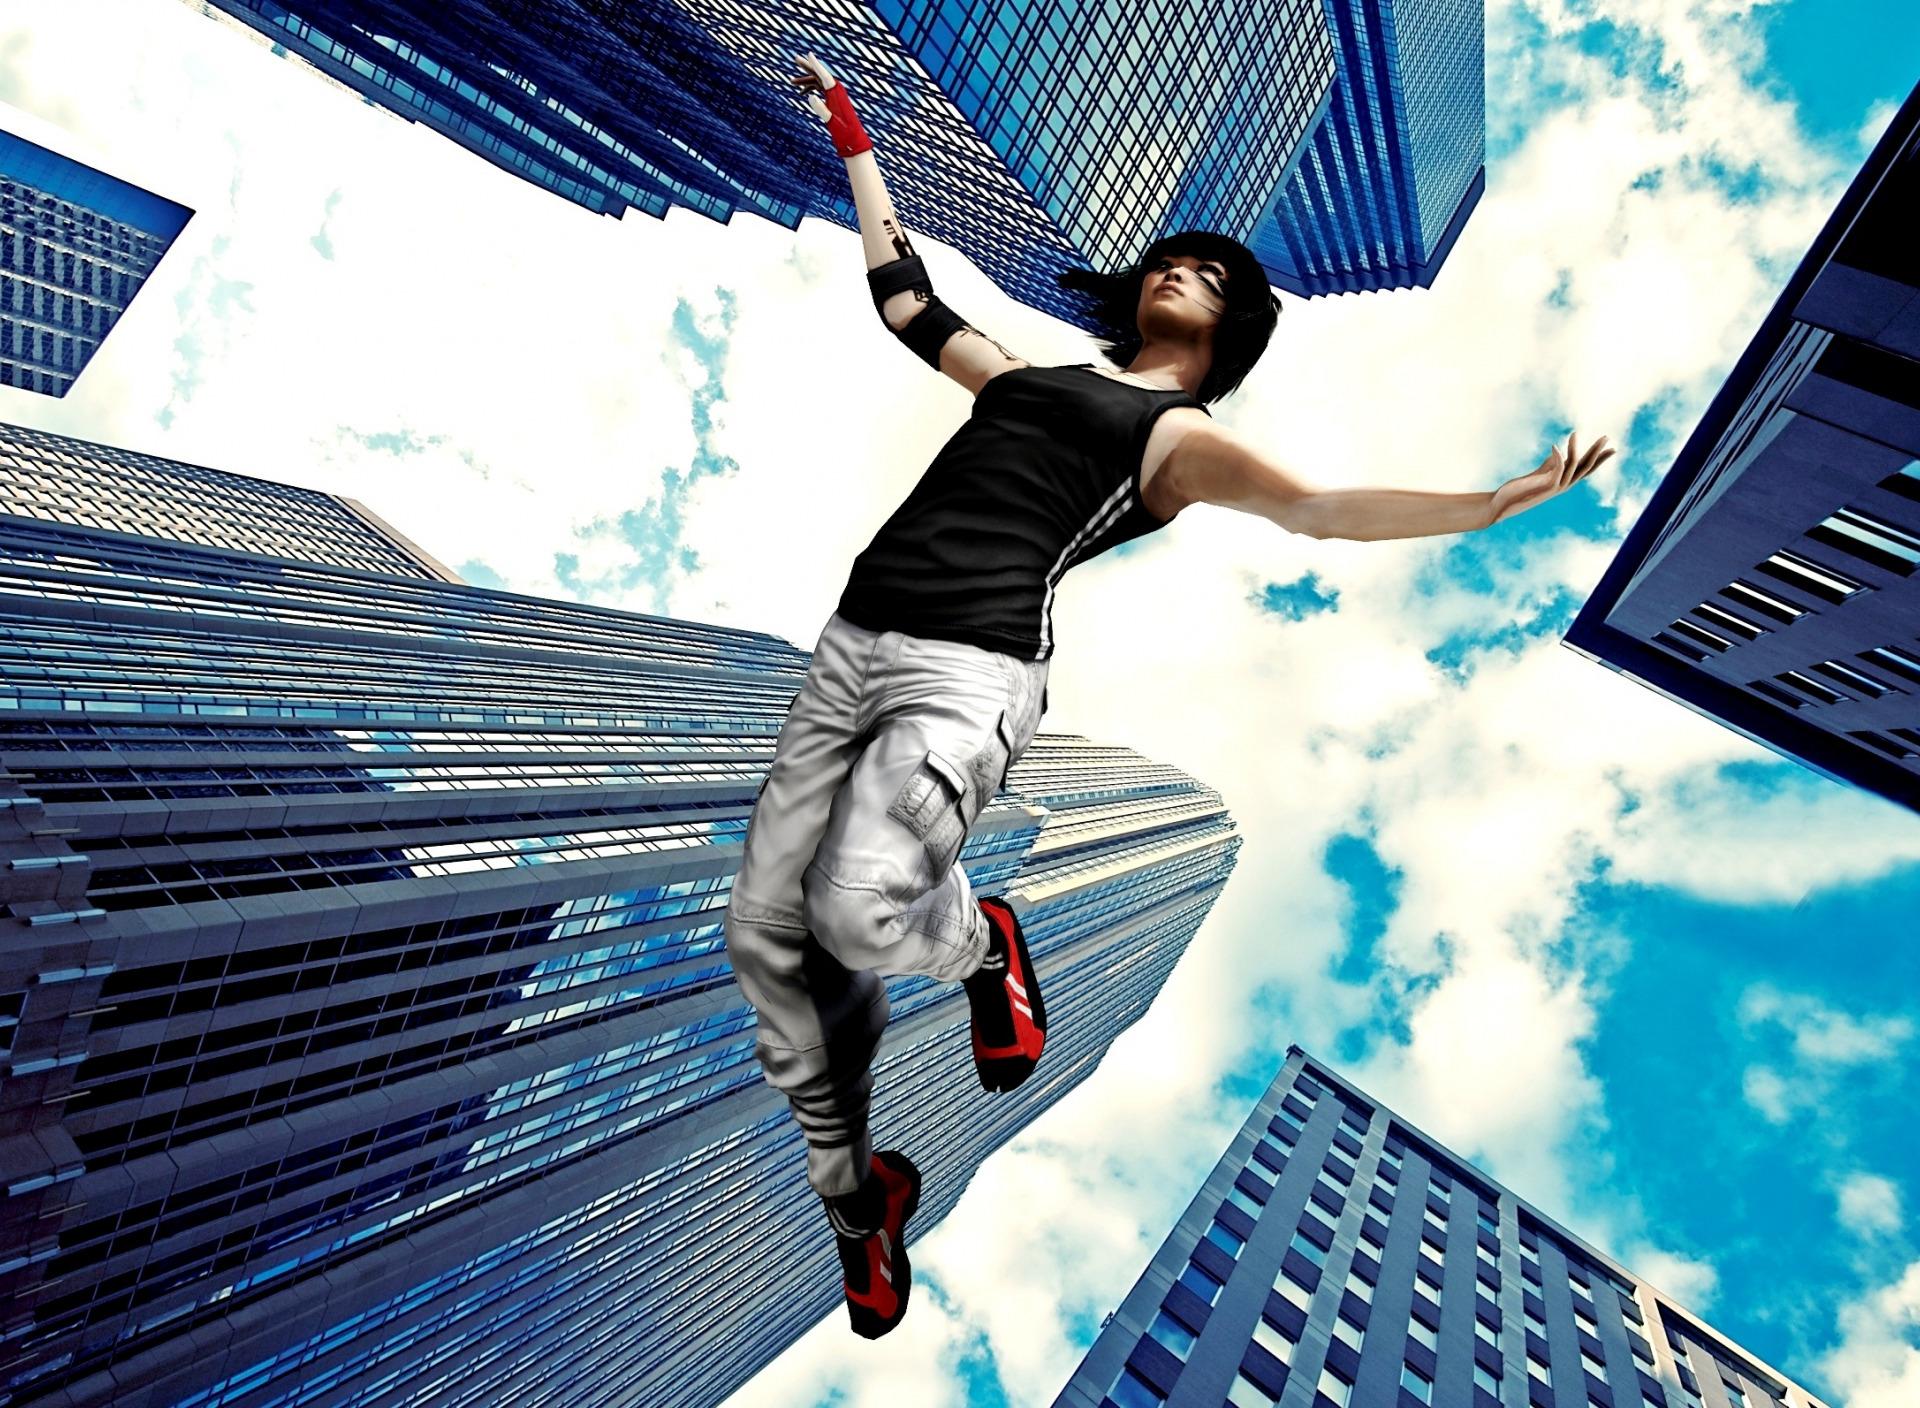 Прыжки с небоскребов русская модель большими